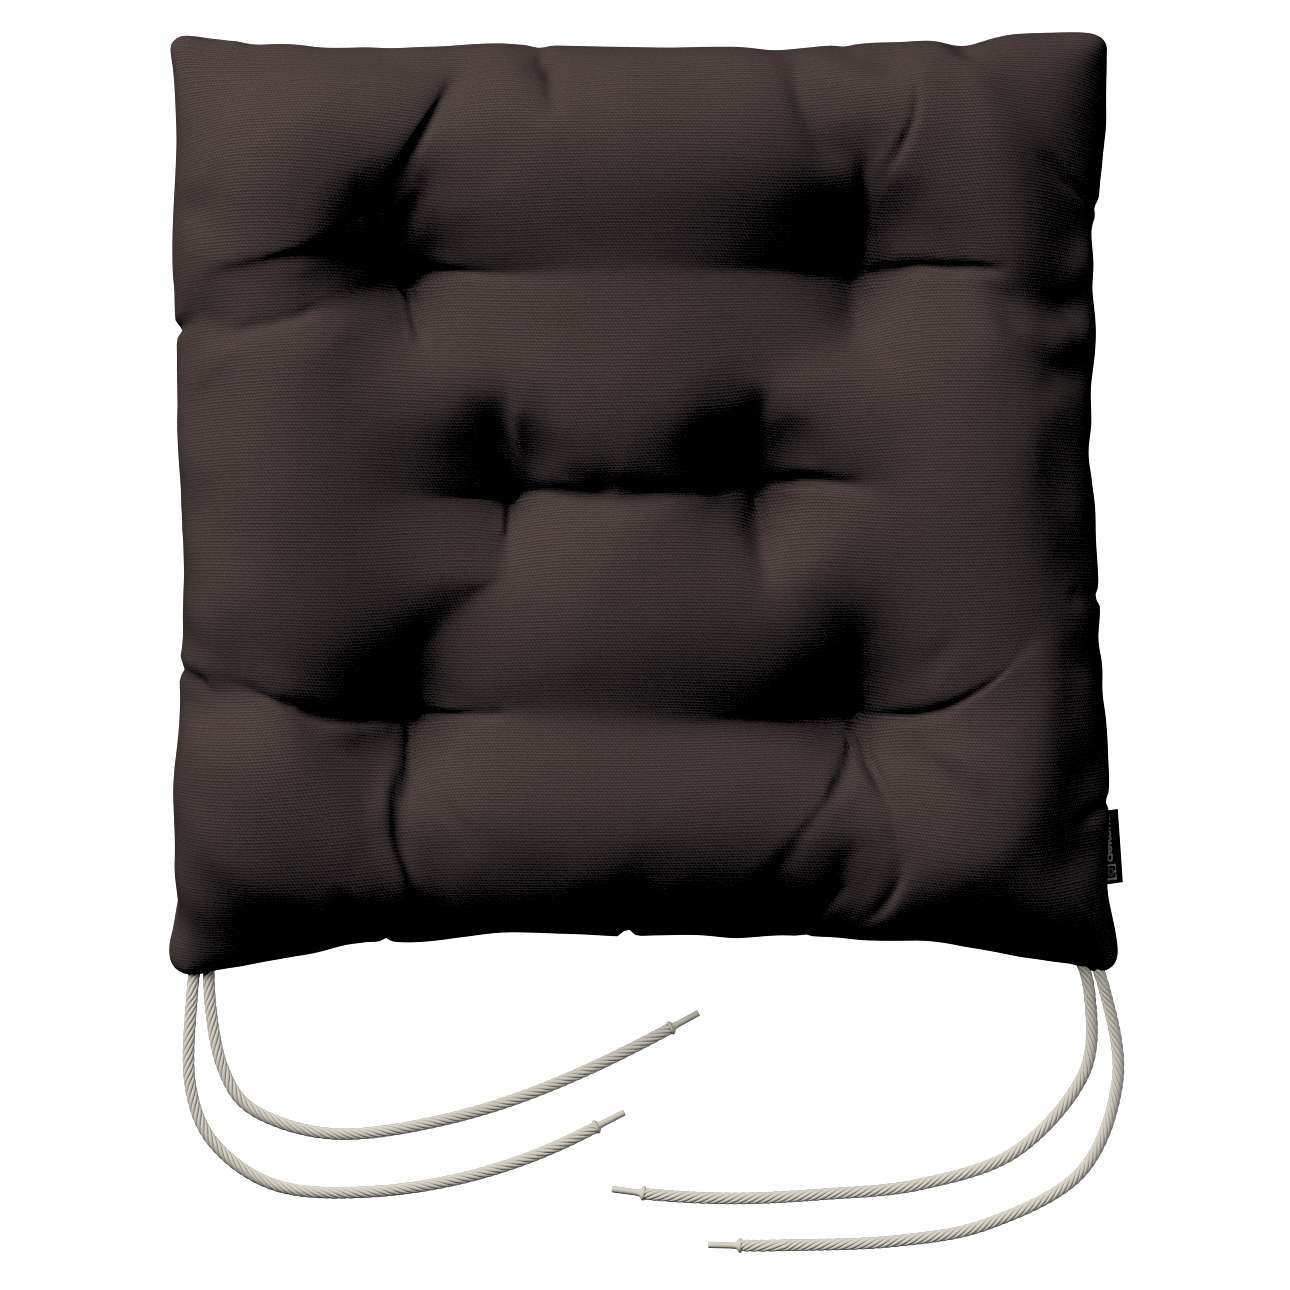 Siedzisko Jacek na krzesło 38x38x8cm w kolekcji Cotton Panama, tkanina: 702-03